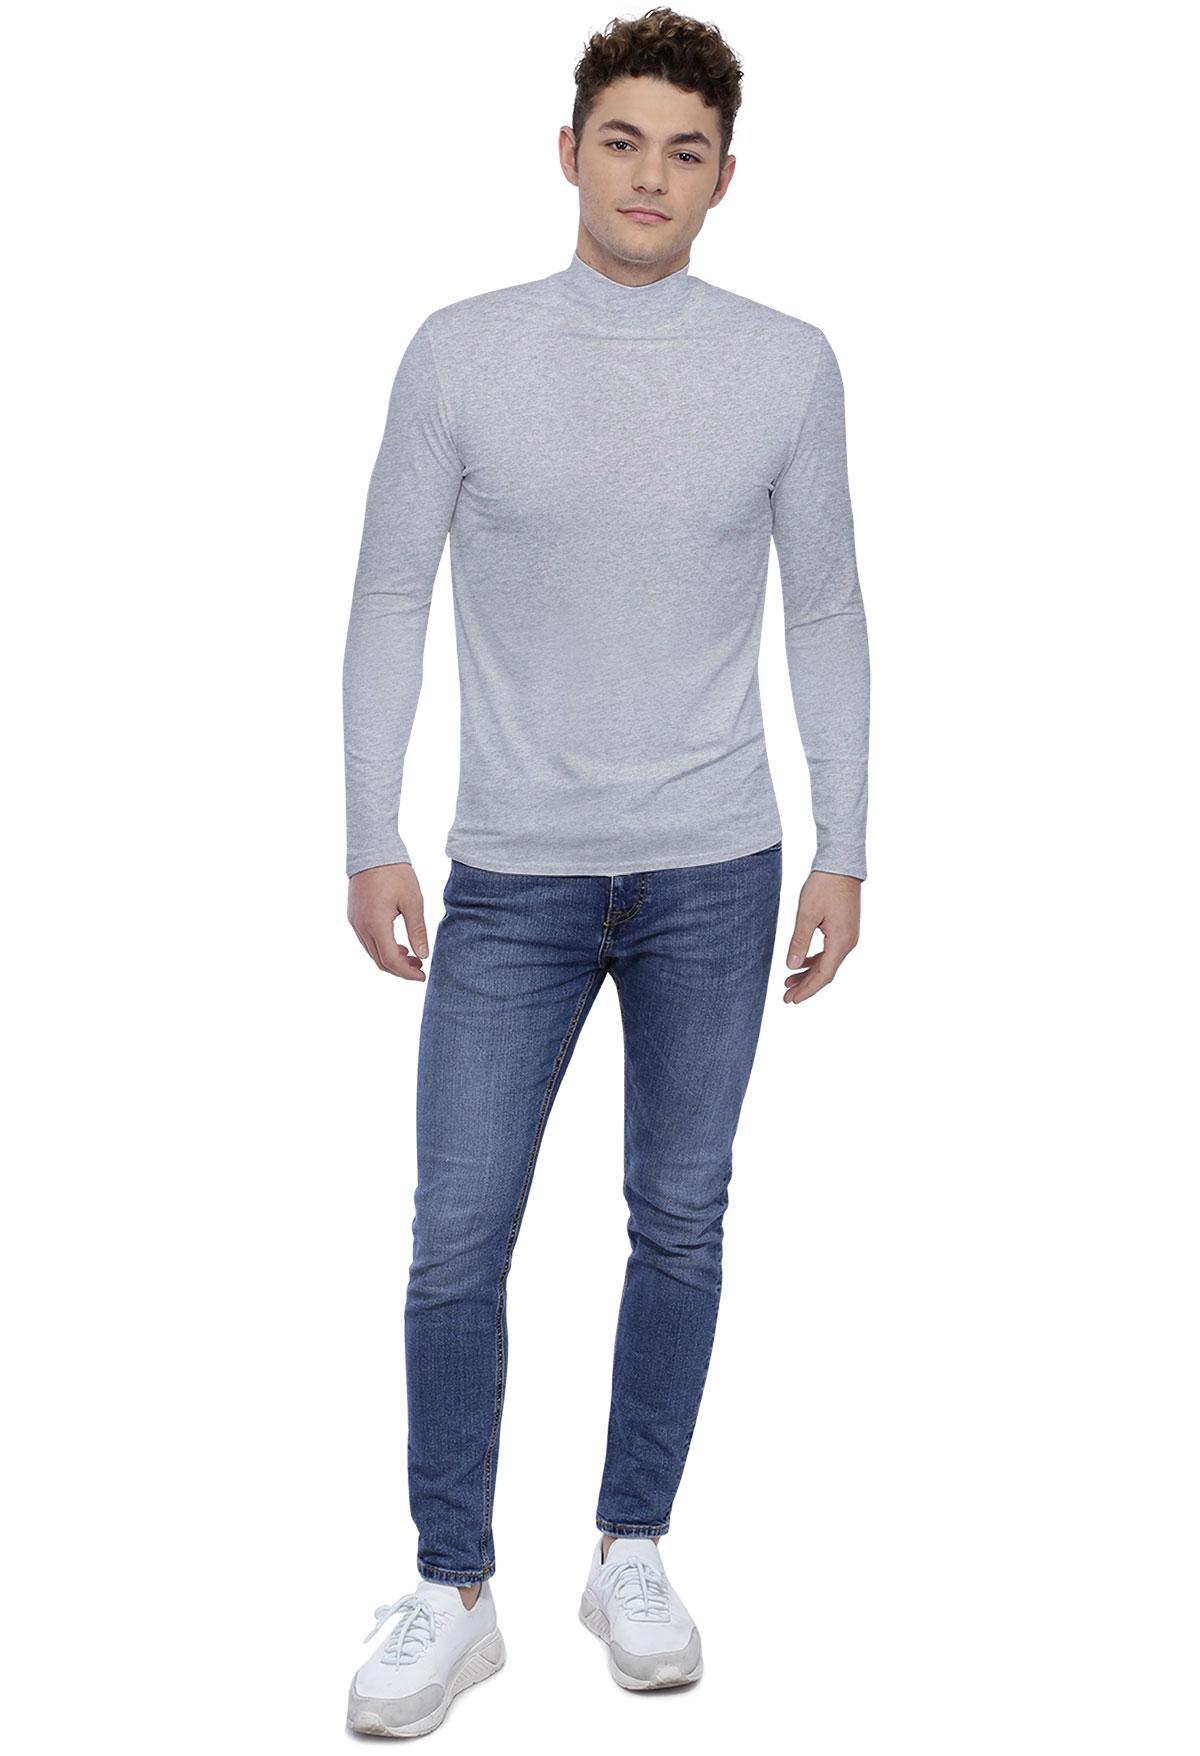 c18b4e9e89 Rendez Vous Paris - - Hommes, product for men - RAPHAEL M/L is a modal t- shirt extremely confortable